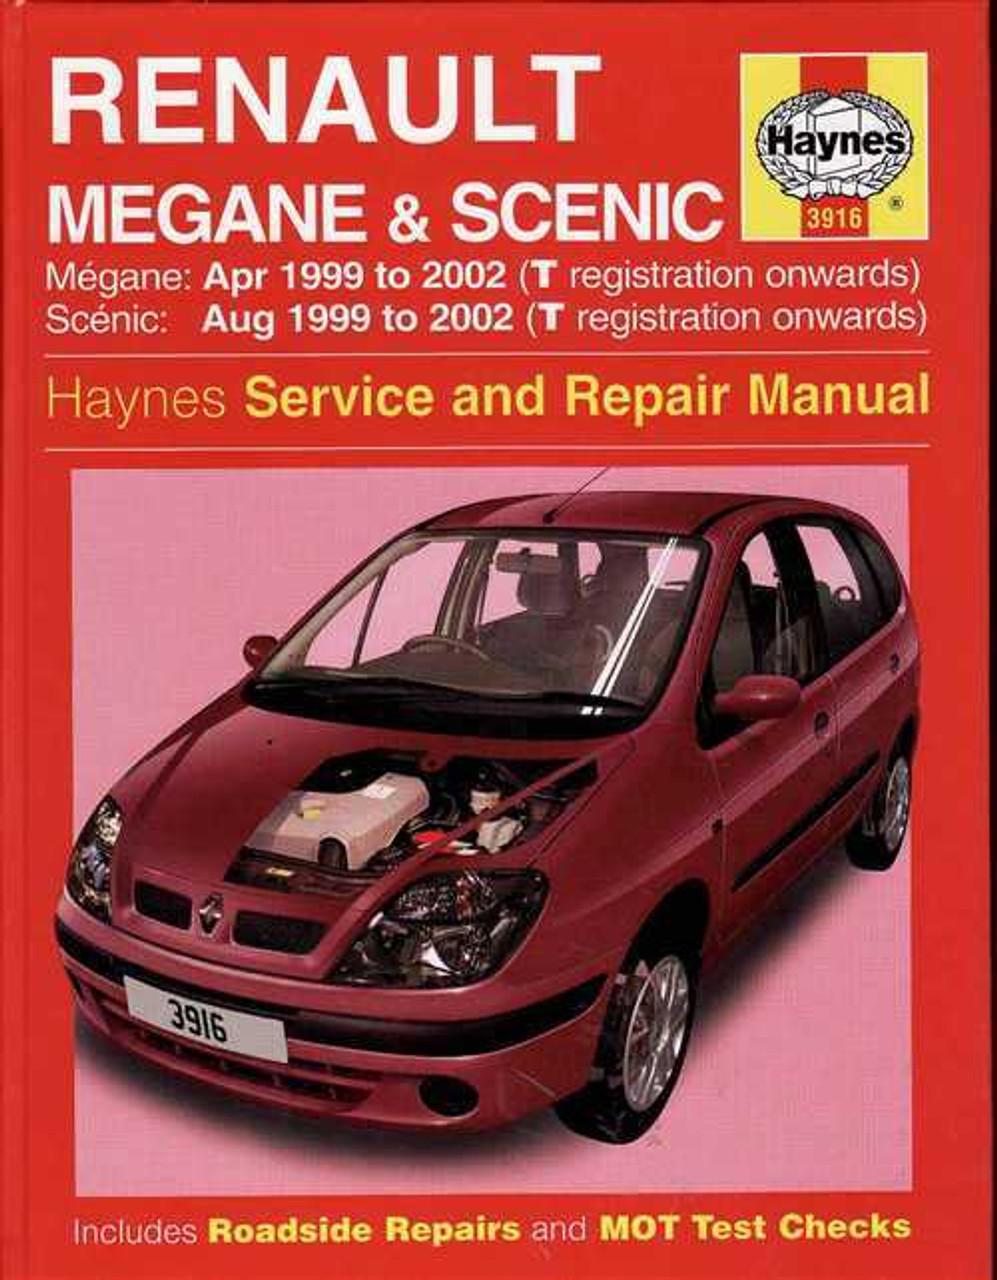 renault megane amp scenic 1999 2002 workshop manual rh automotobookshop com au repair manual renault megane iii repair manual renault megane iii